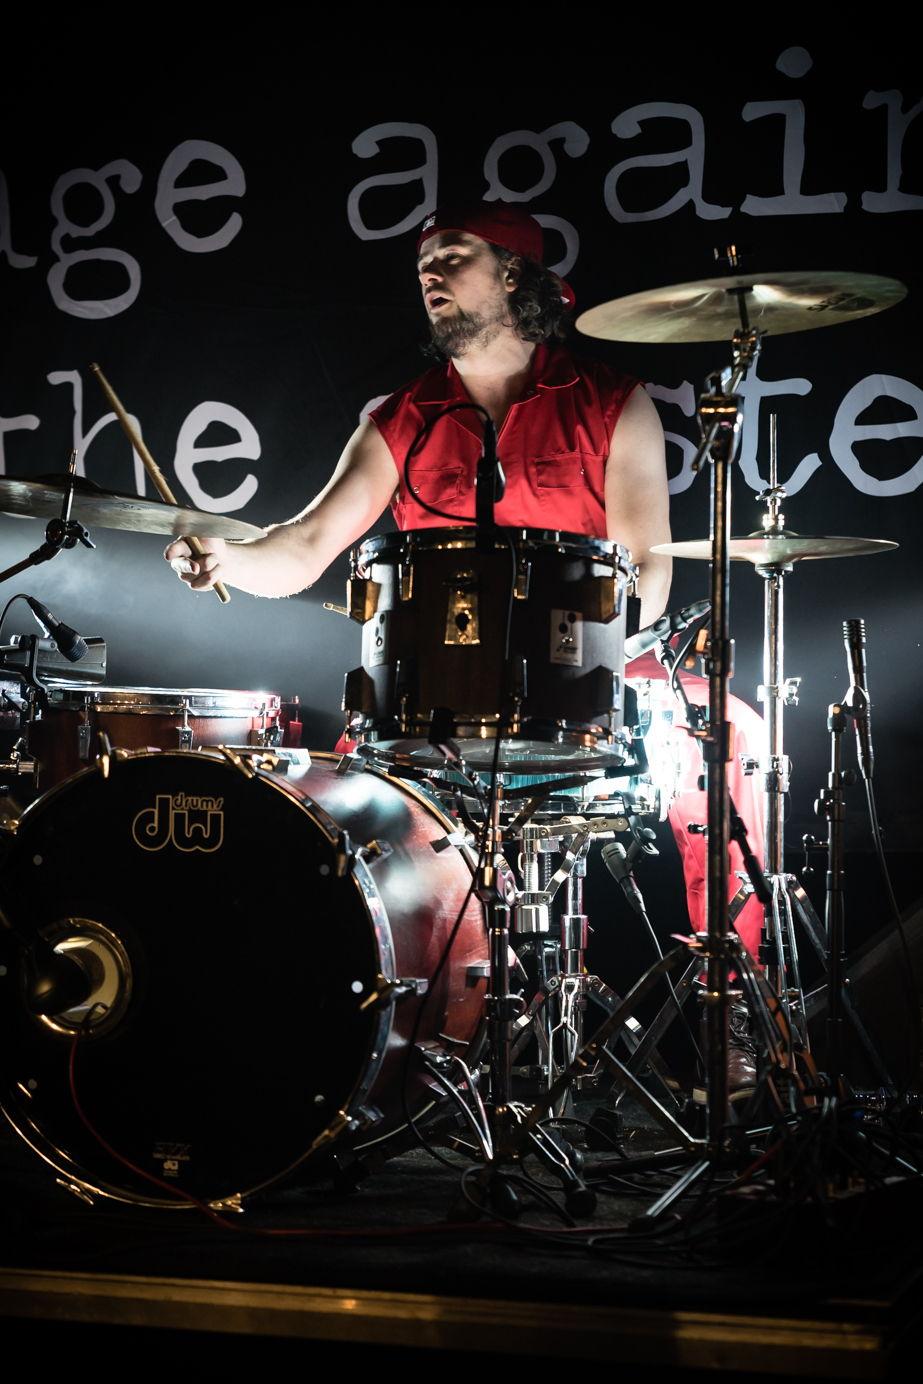 De Peppers is een Red Hot Chili Peppers tribute die op 11 januari 2020 in Het Podium speelde. Foto's door Photo Anya